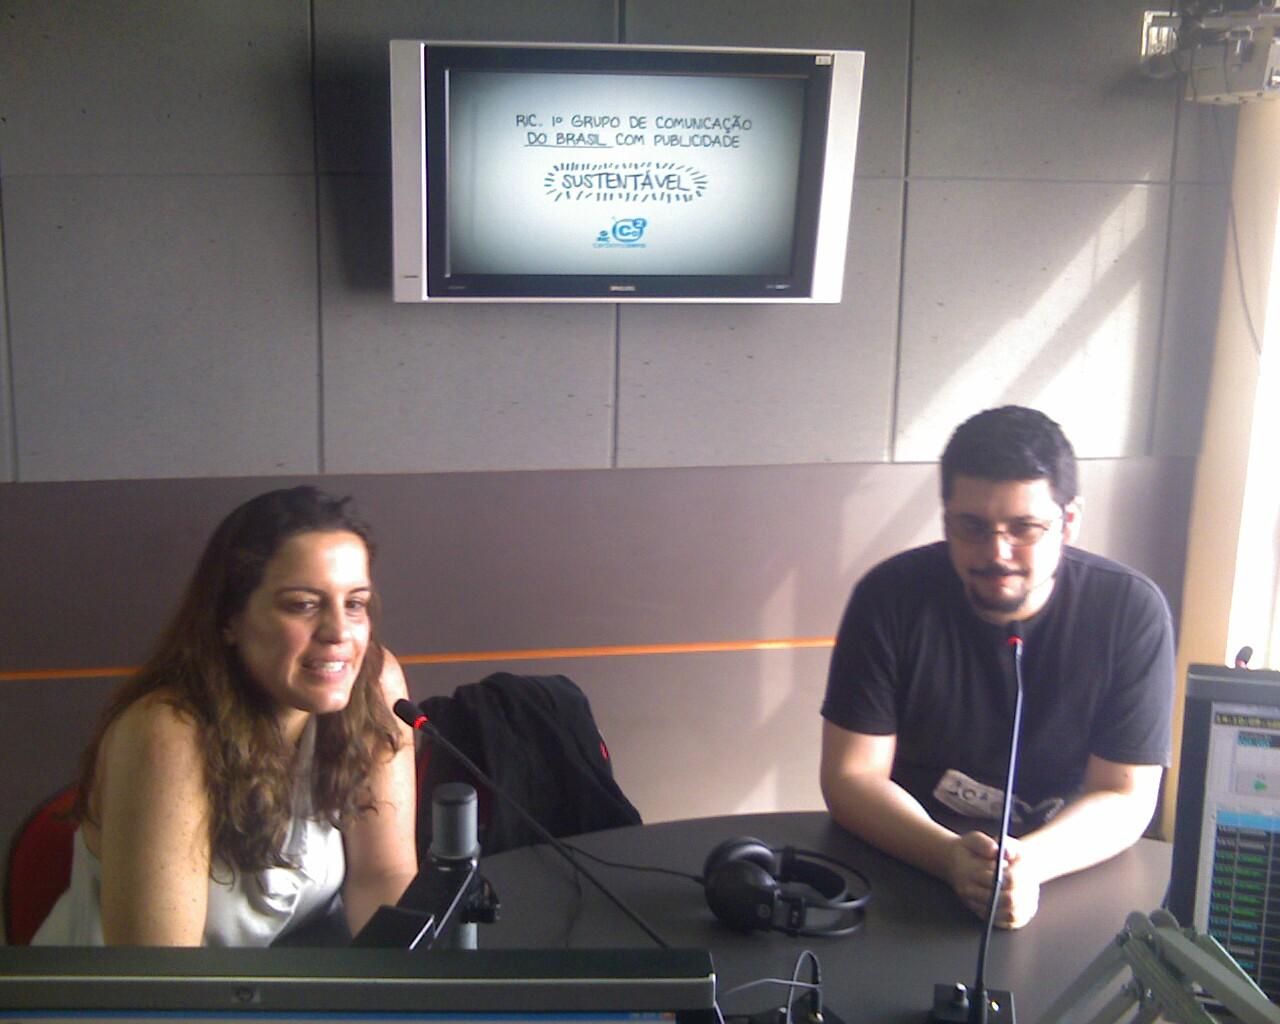 Falando #aovivo sobre o @catavideo ma Rádio Record www.ndonline.com.br